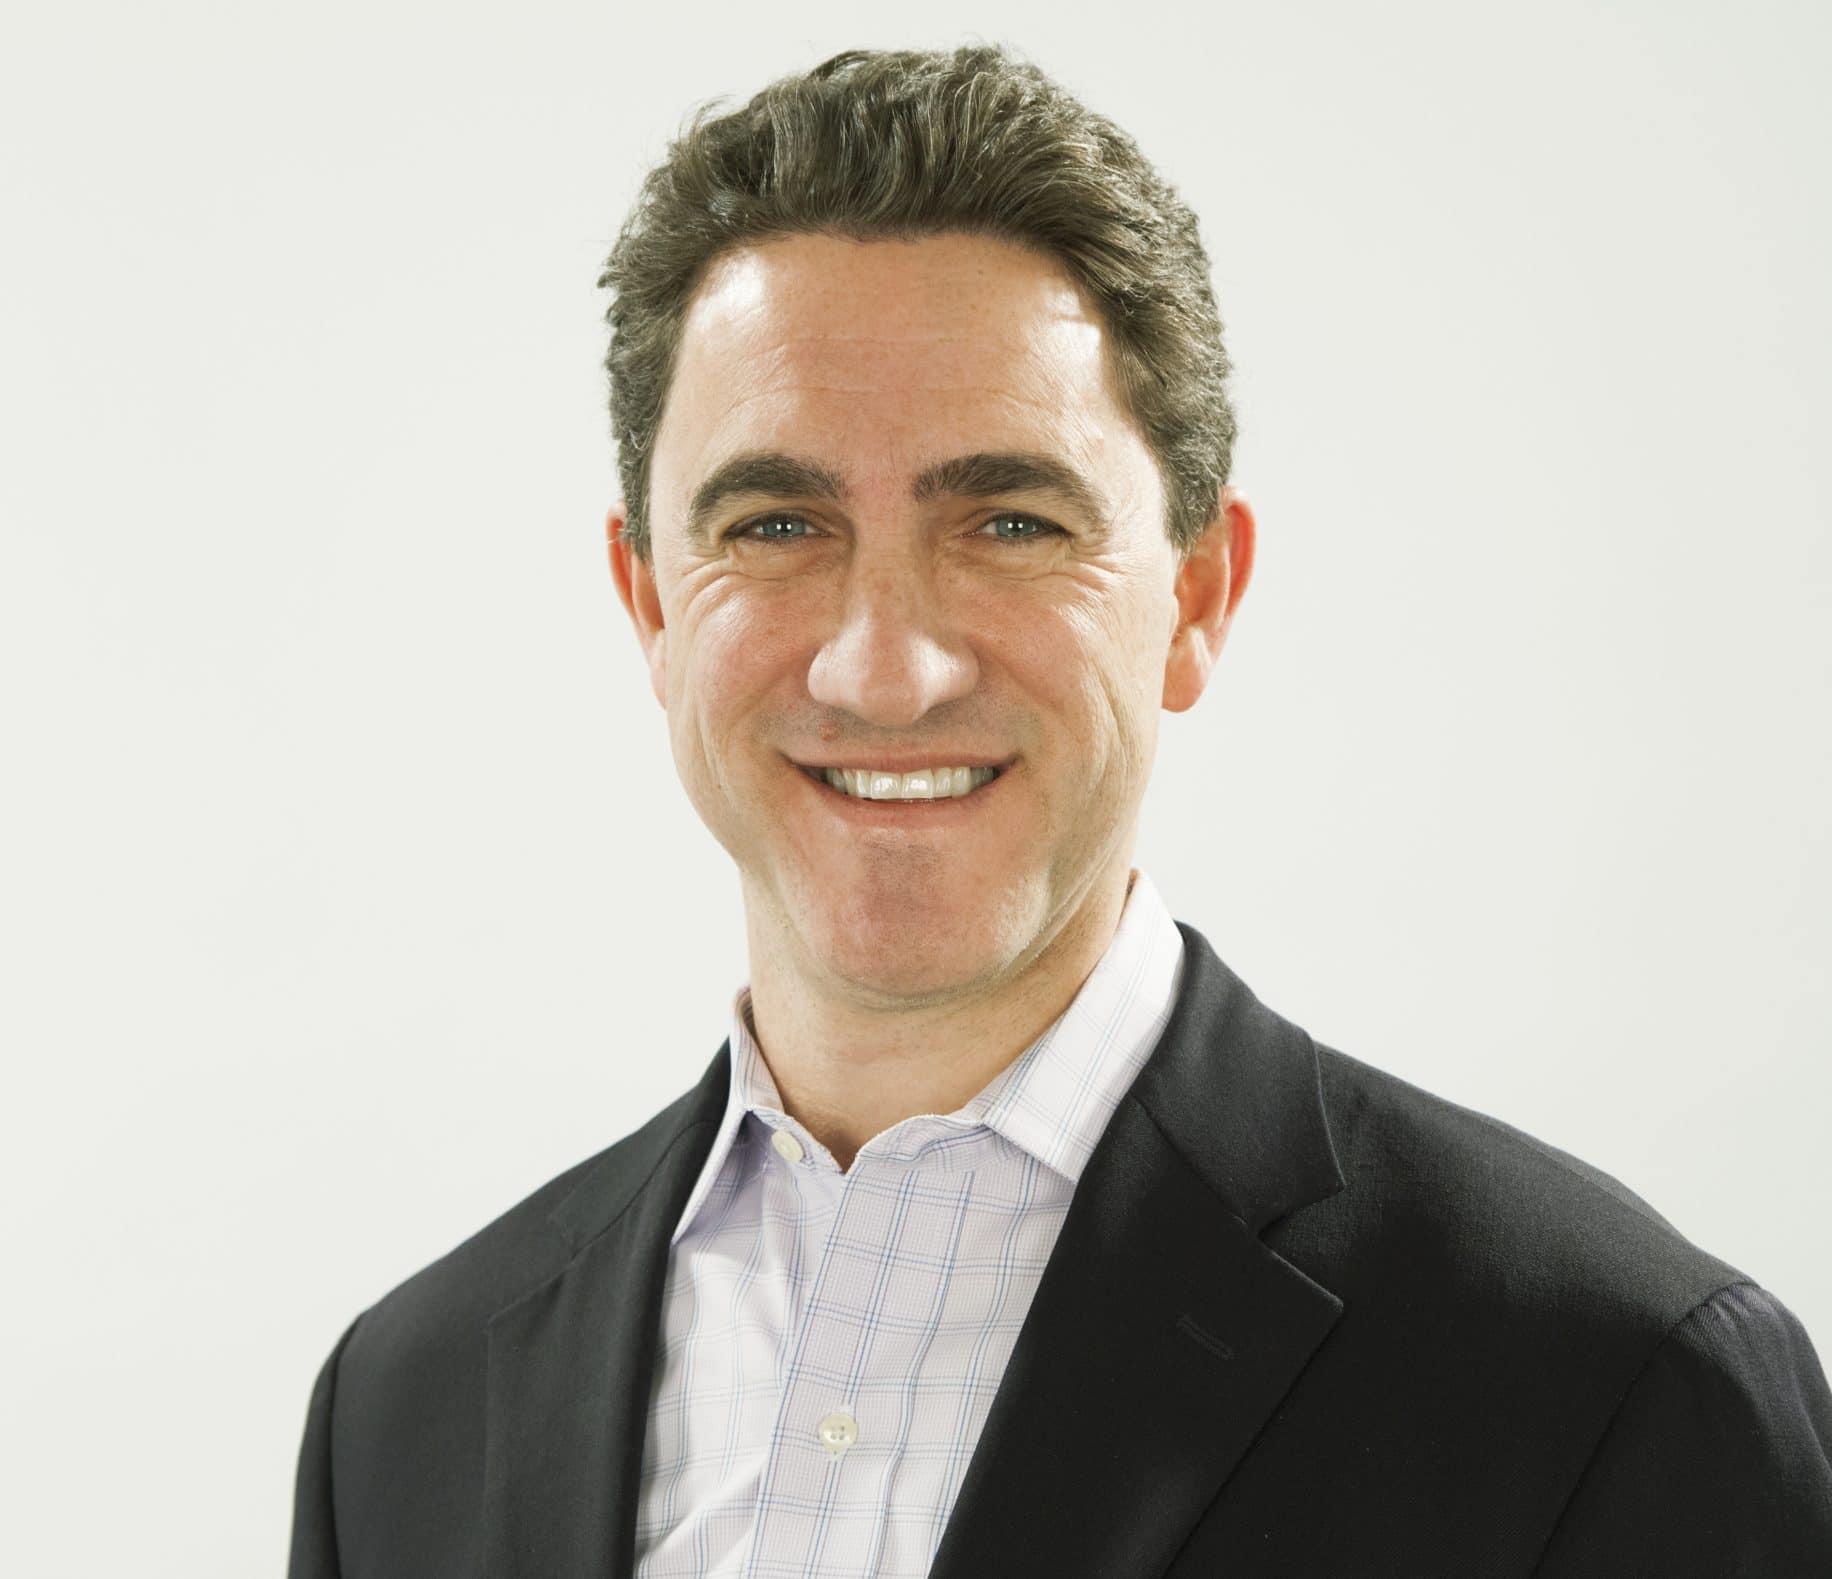 Danny Bockvar